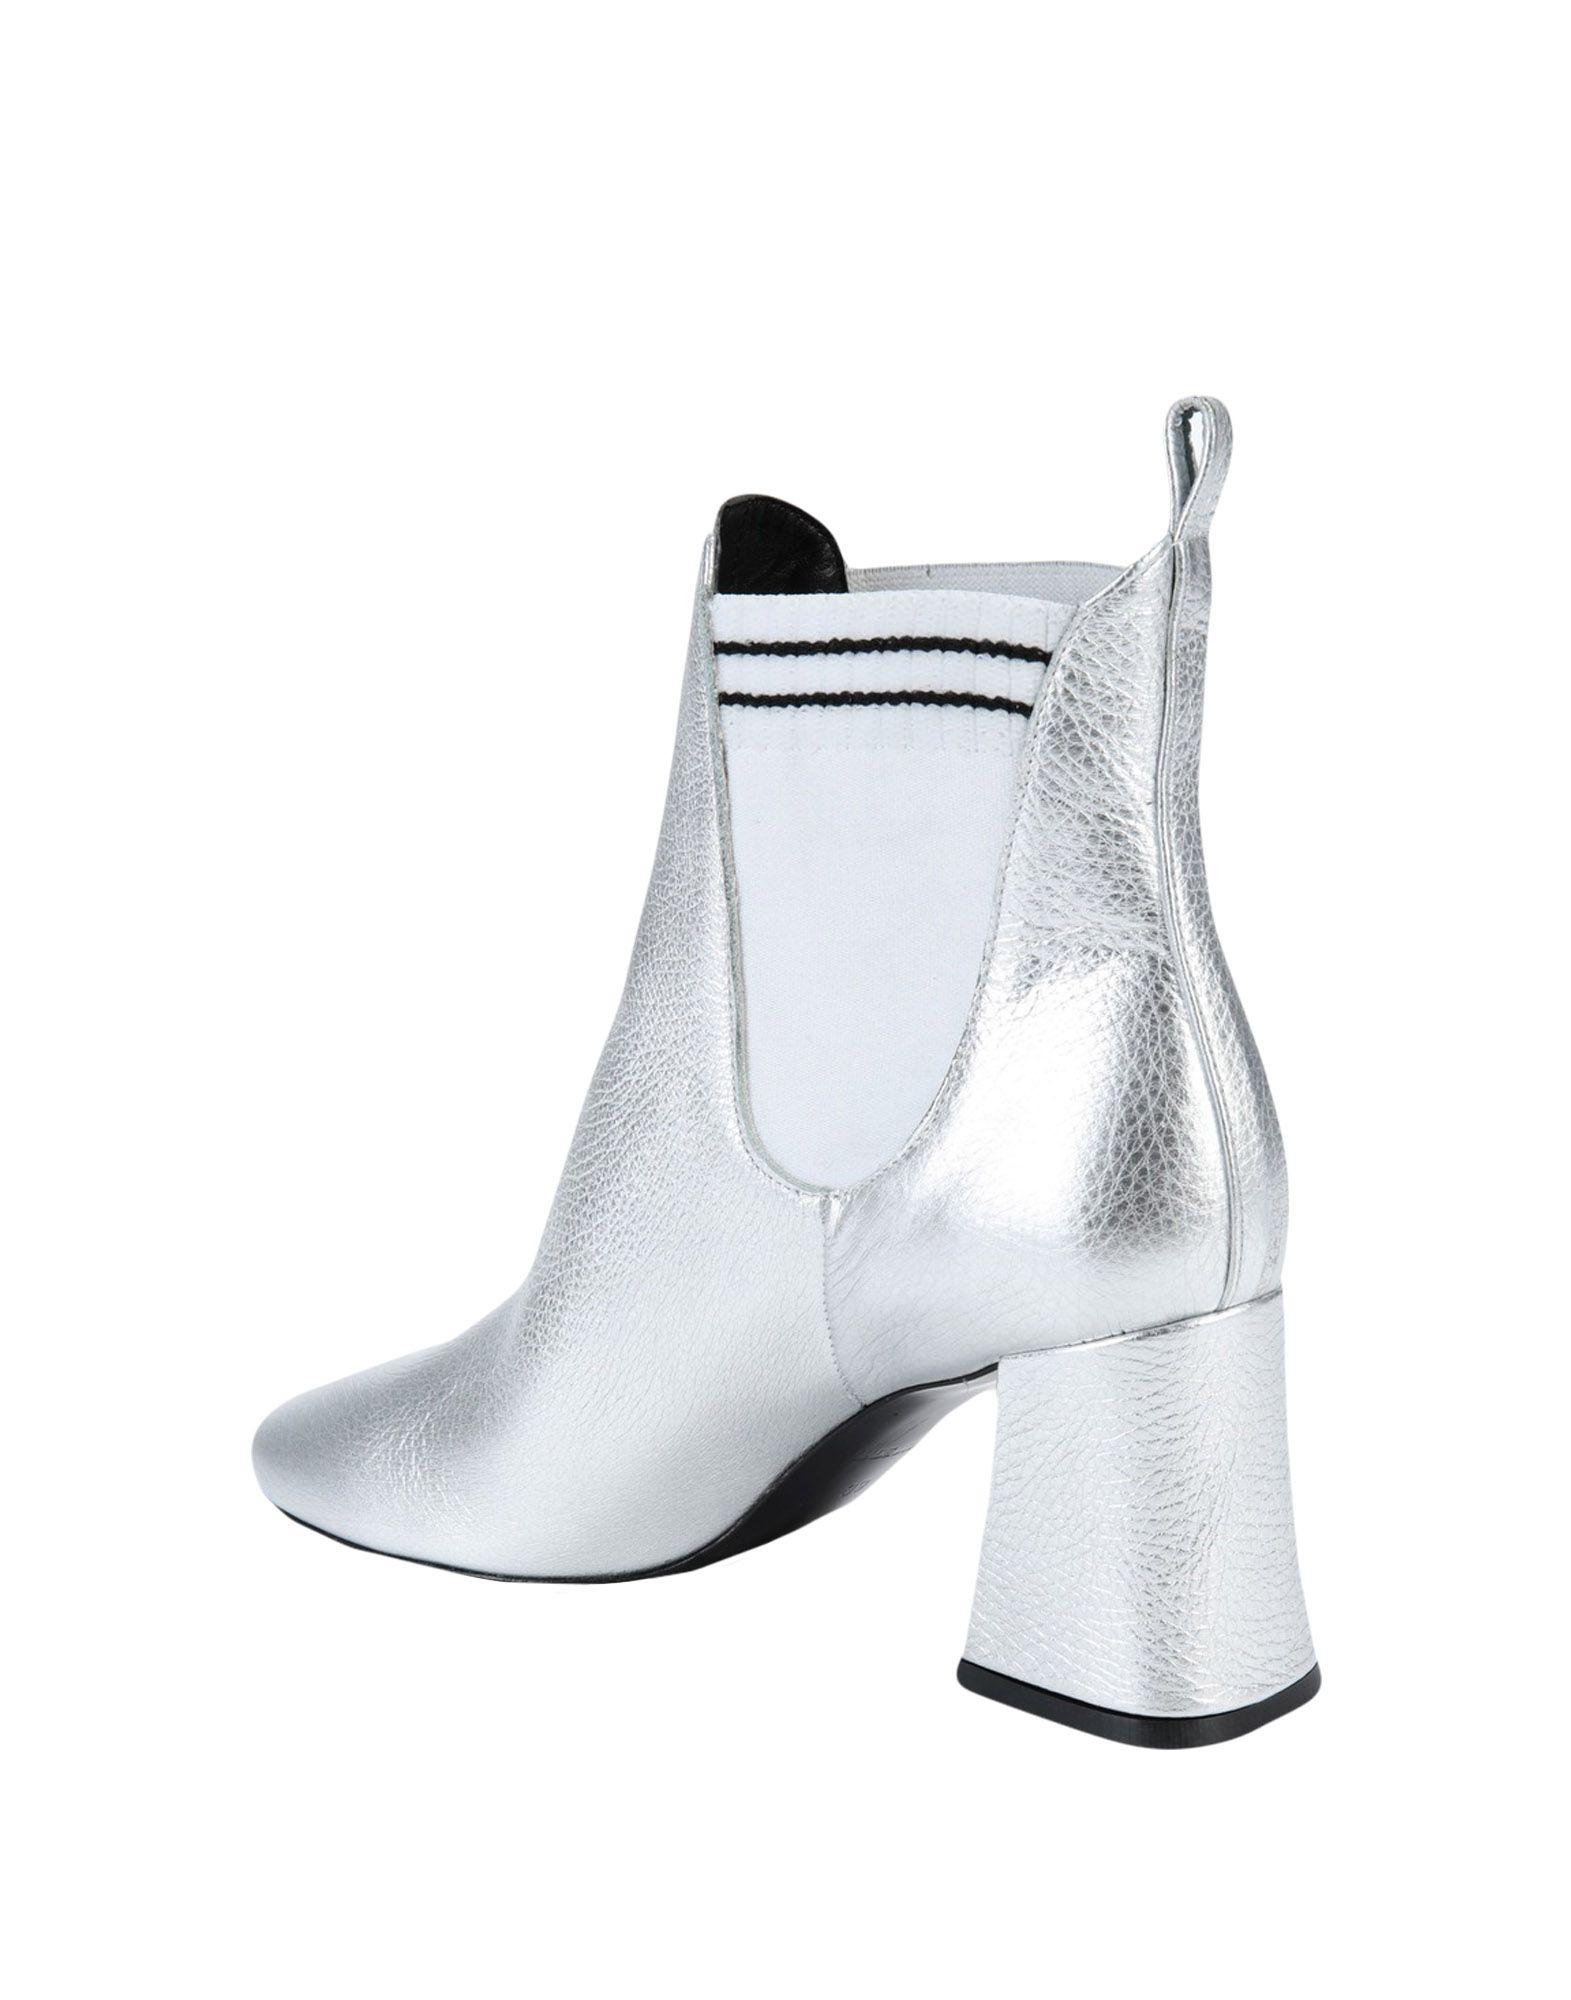 Stilvolle Stilvolle Stilvolle billige Schuhe Stephen Good  London Stiefelette Damen  11533256IR cbd327